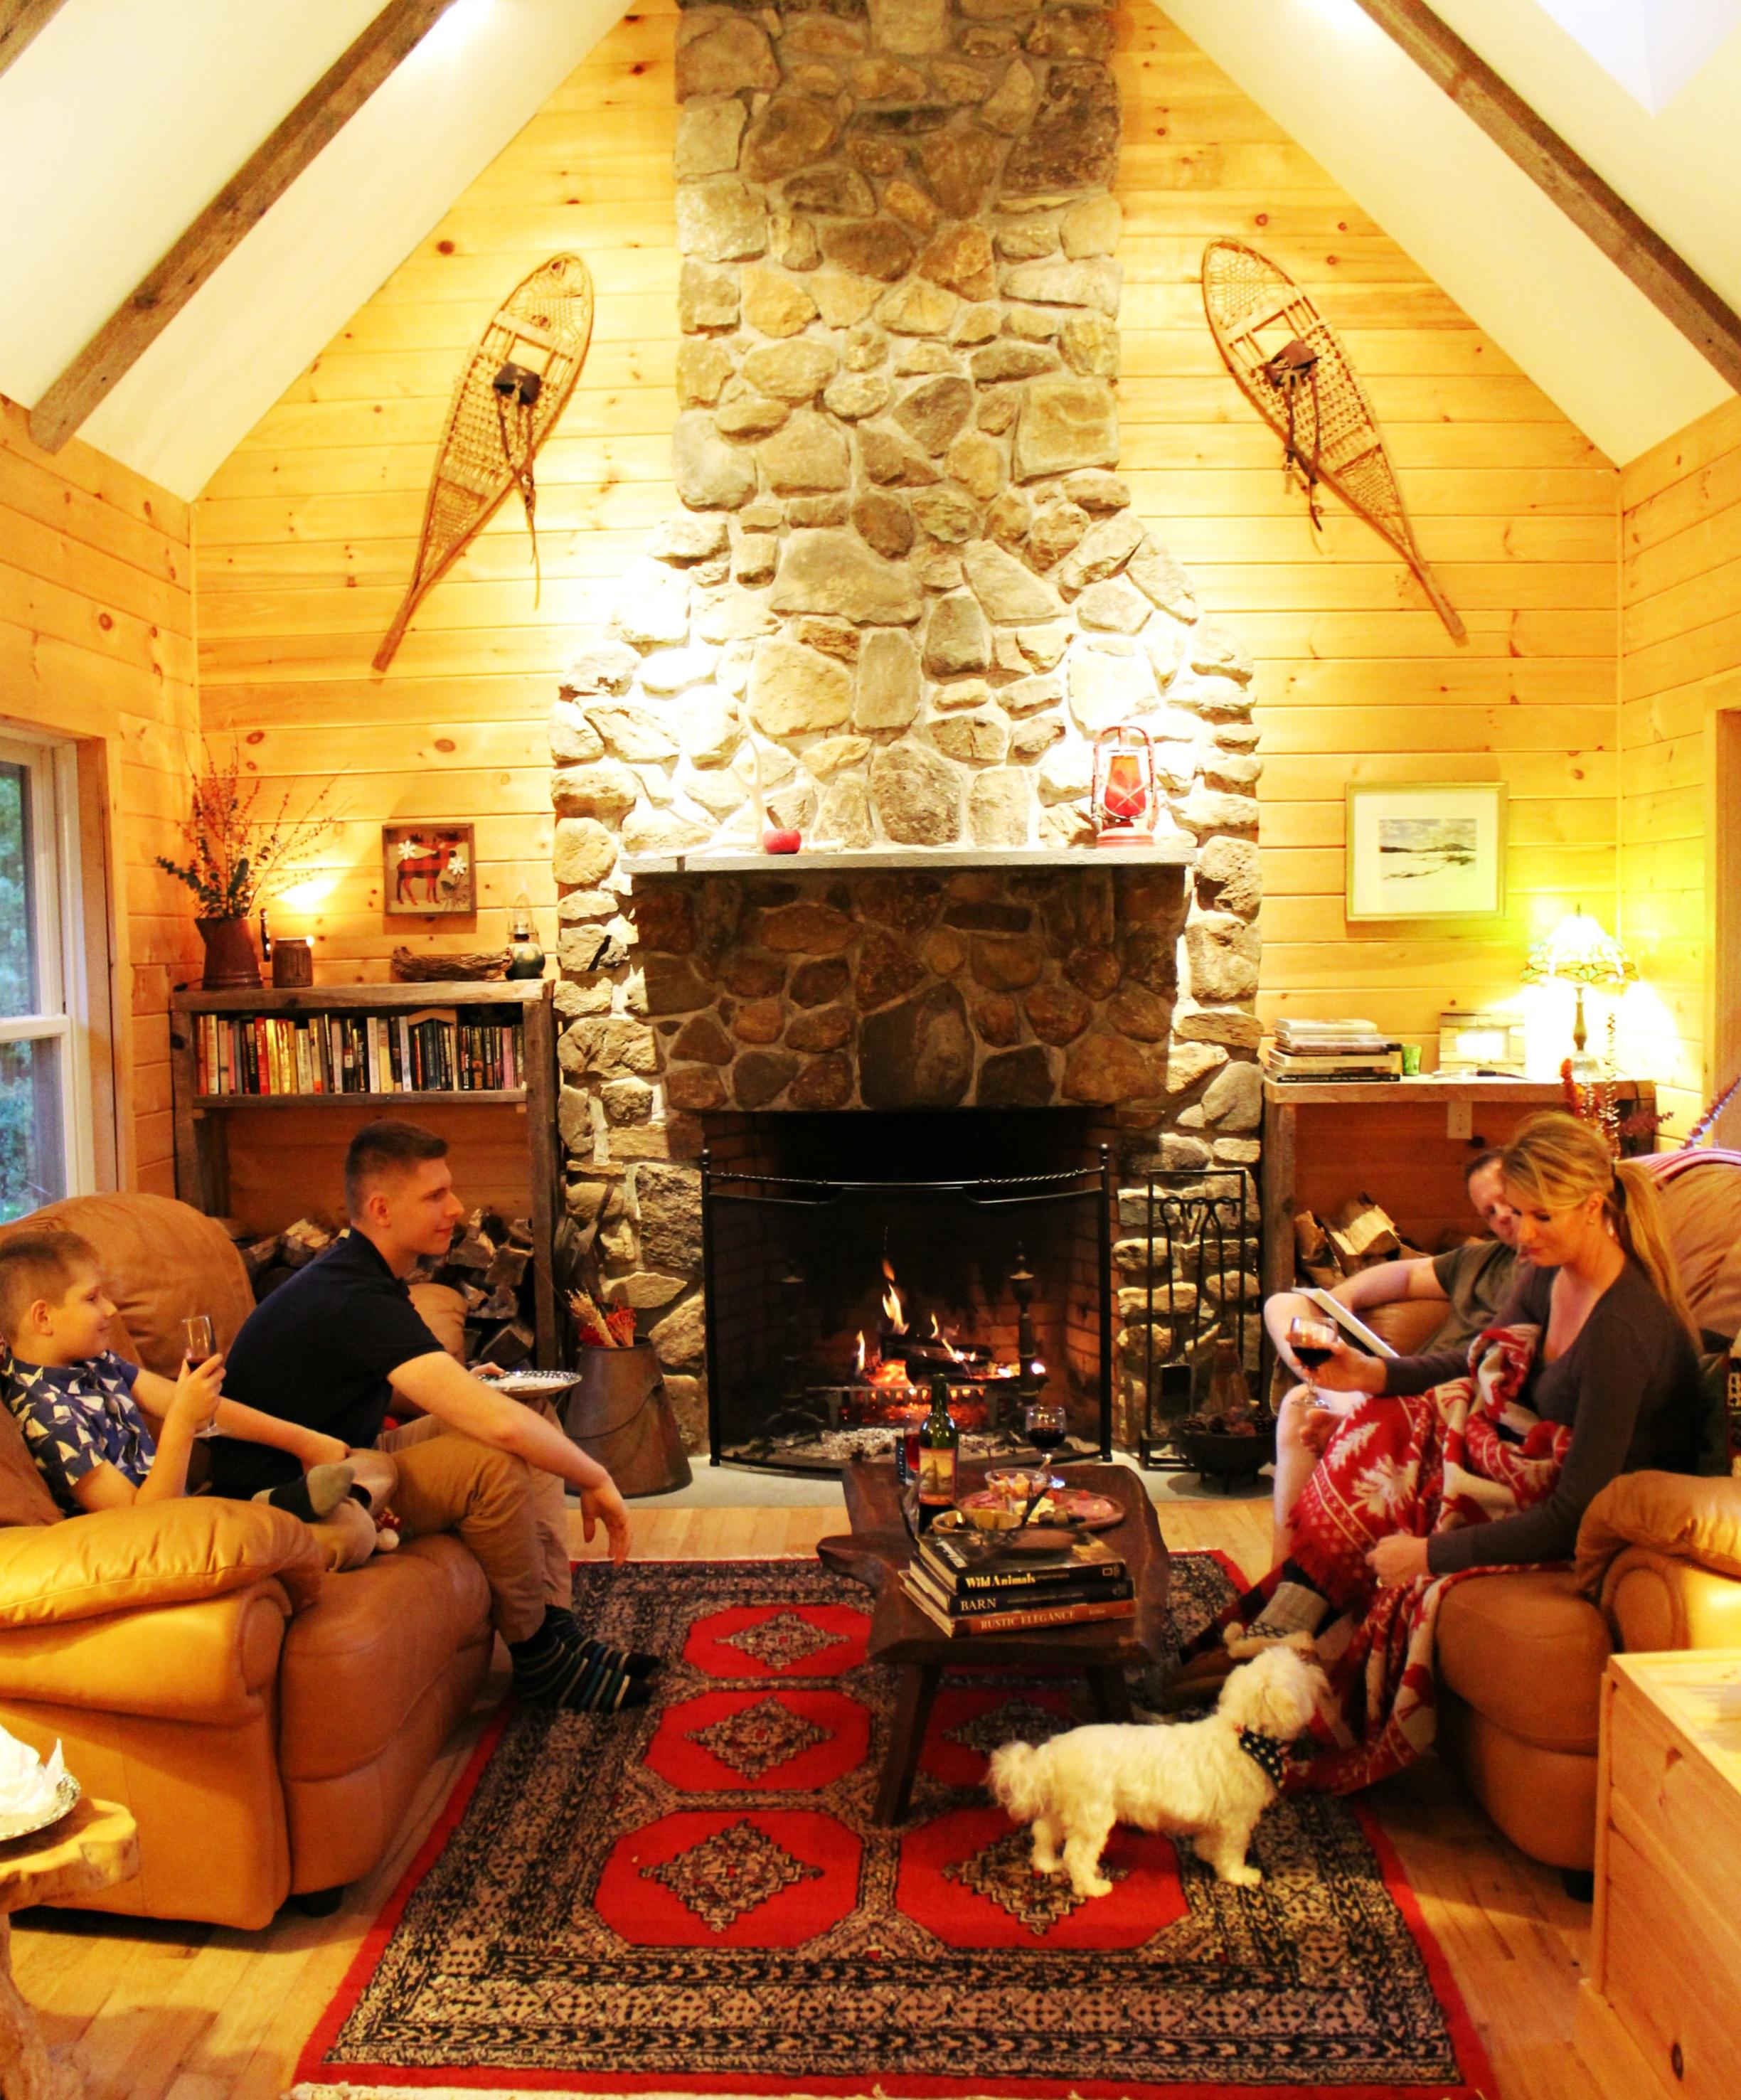 moose-pond-cabin-kristynewengland-7.jpg